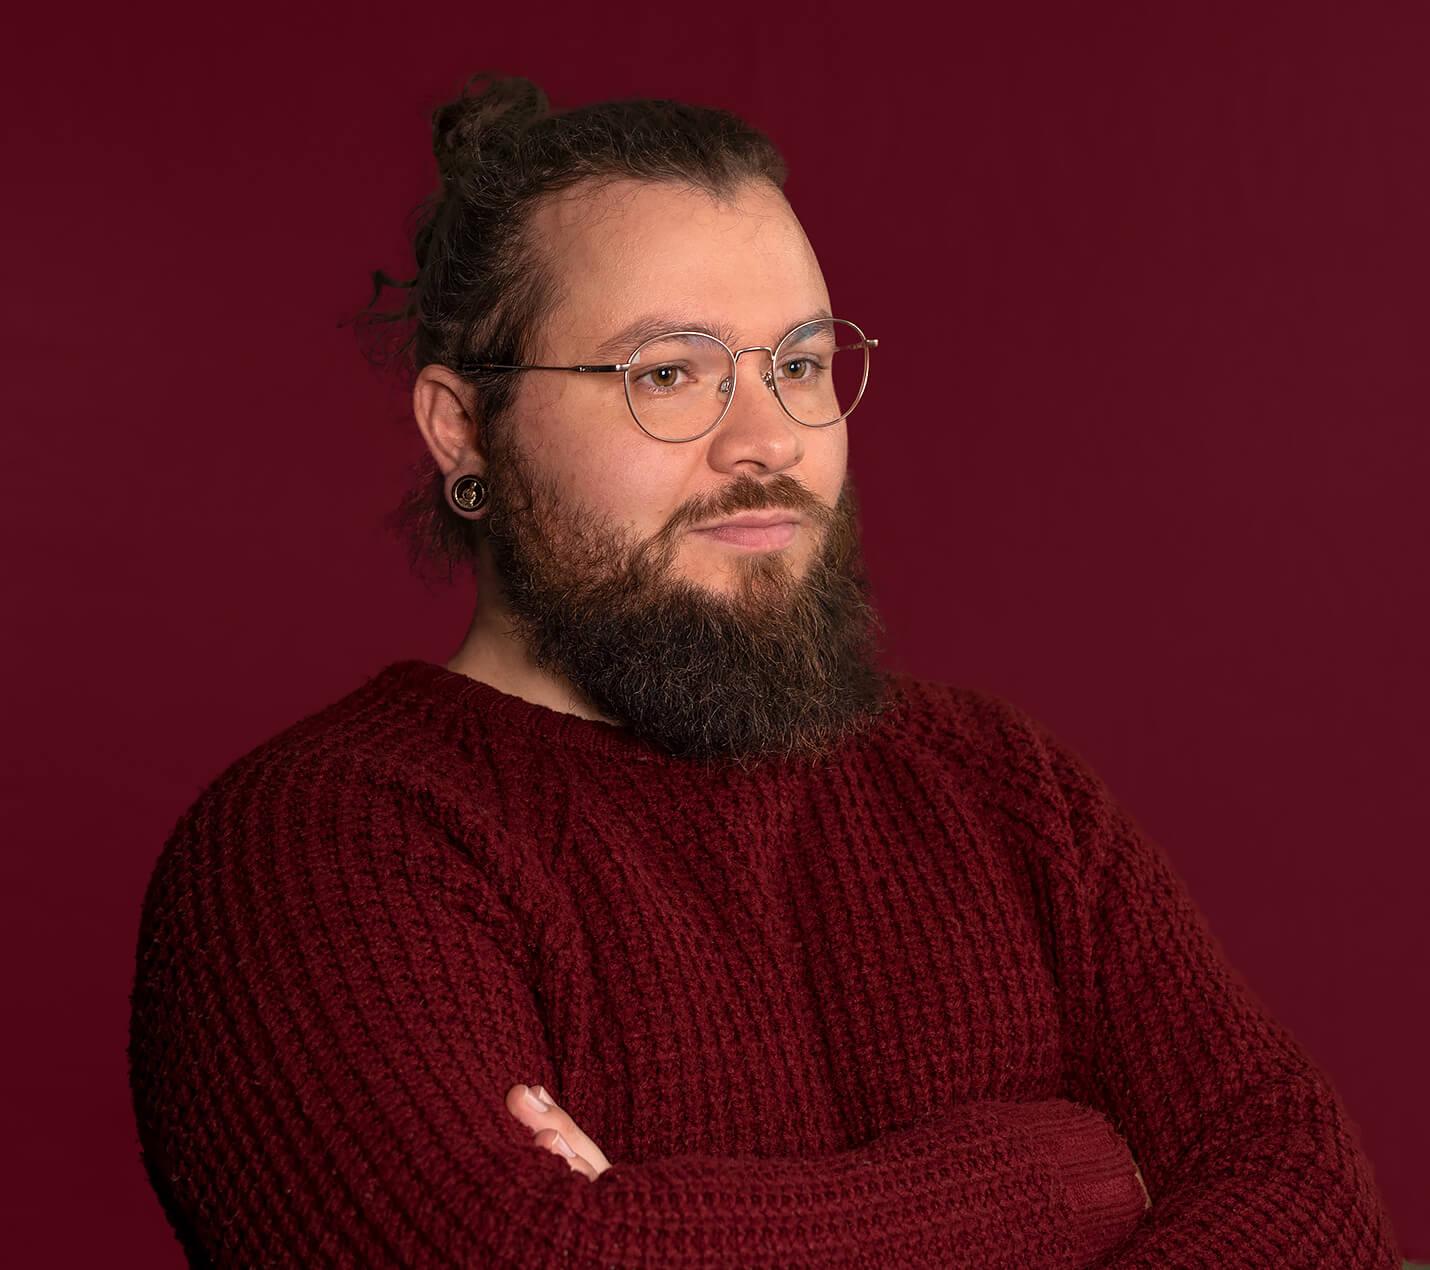 Sebastian Knill